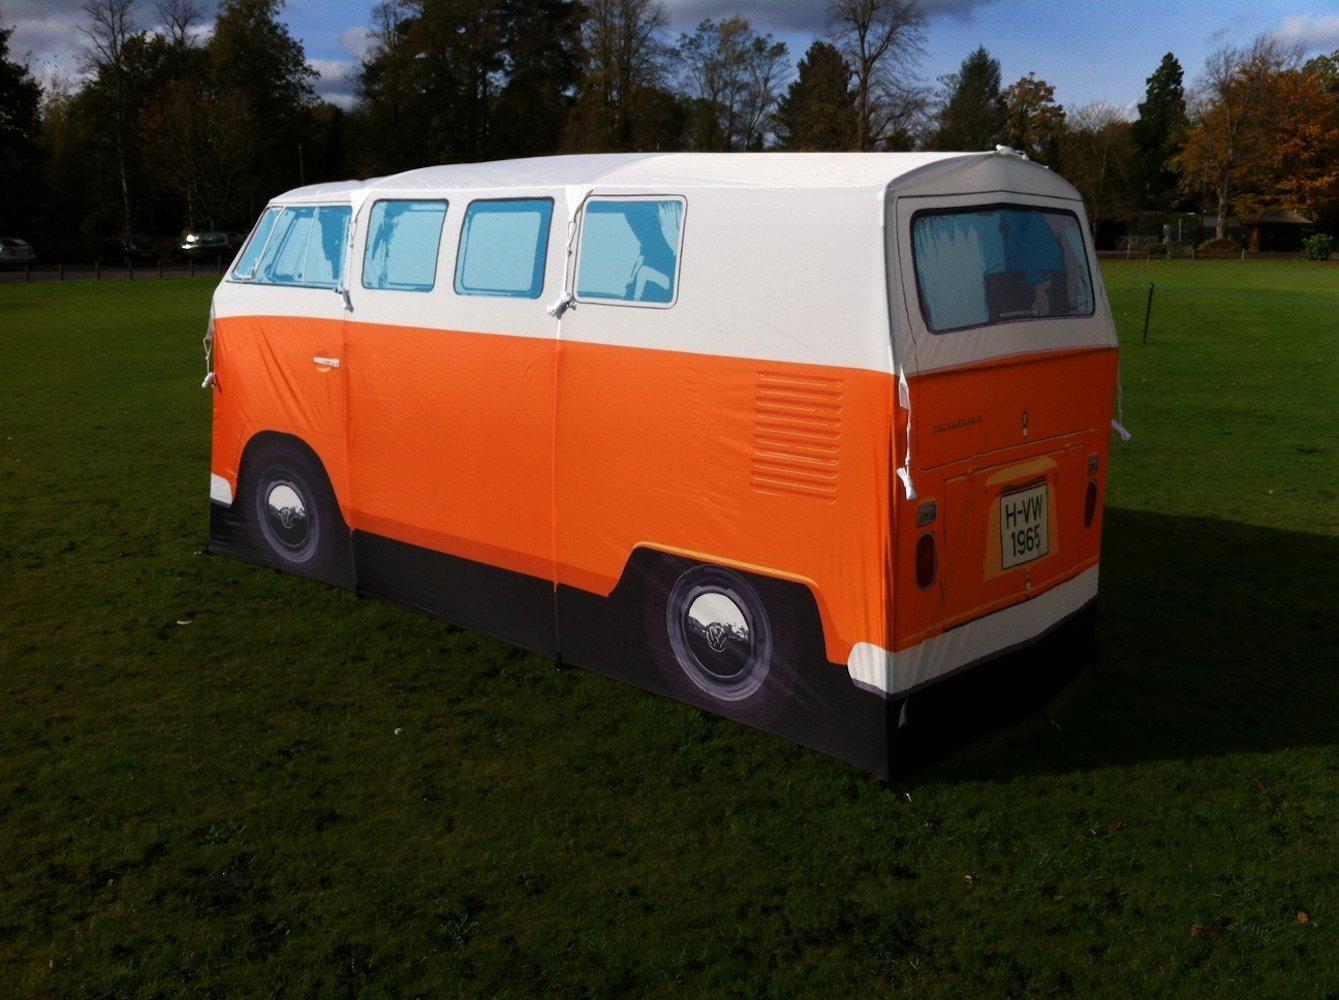 Vw Boing Volkswagen Panel Van Red Motor World German I Love Camping In My Vanagon Westy